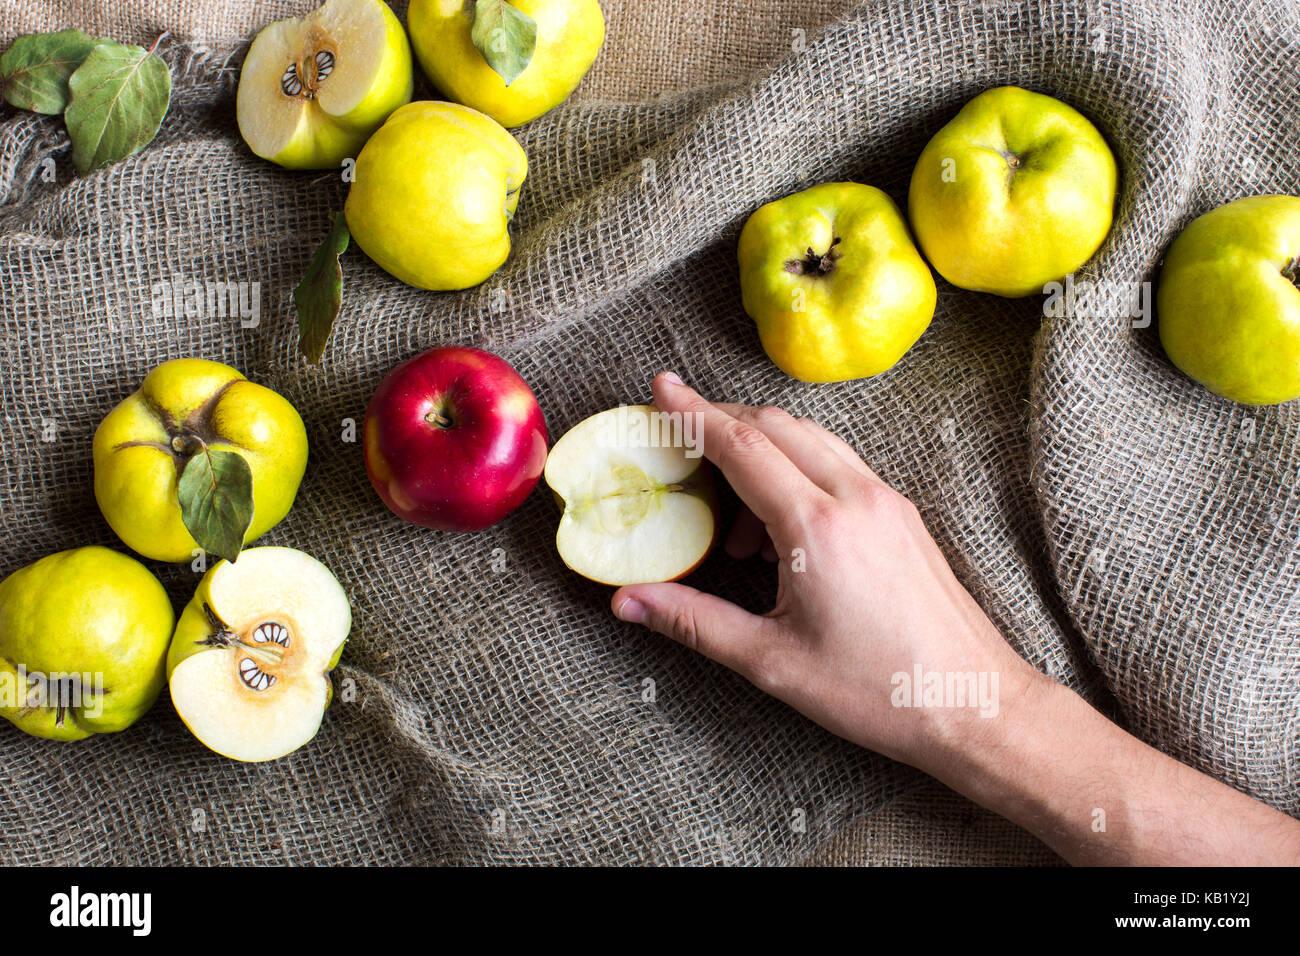 L'automne, la récolte, la société food concept. sur la fabrick texturé gris sac d'il Photo Stock